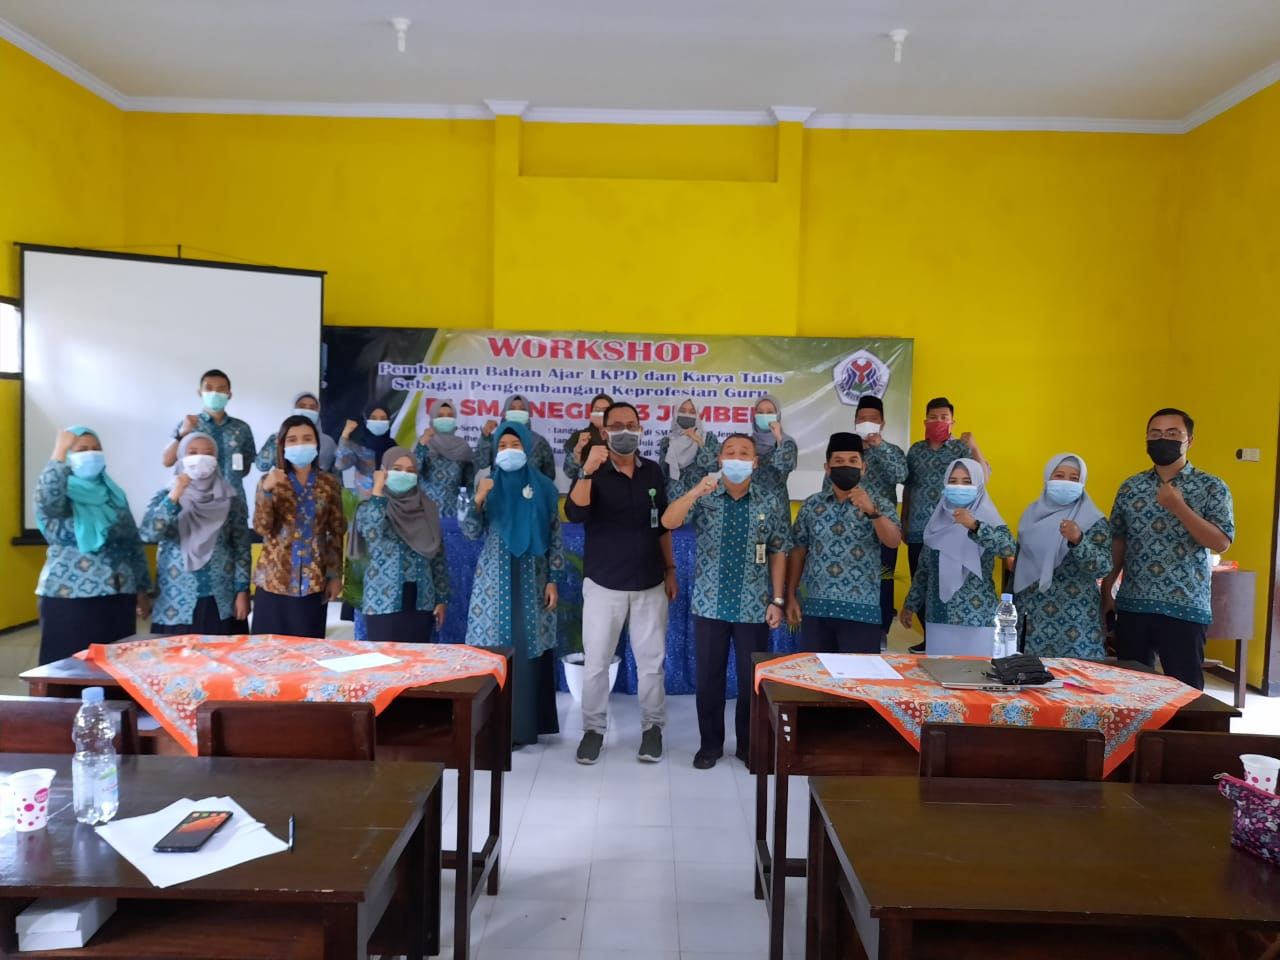 Workshop Pembuatan Bahan Ajar LKPD dan Karya Tulis